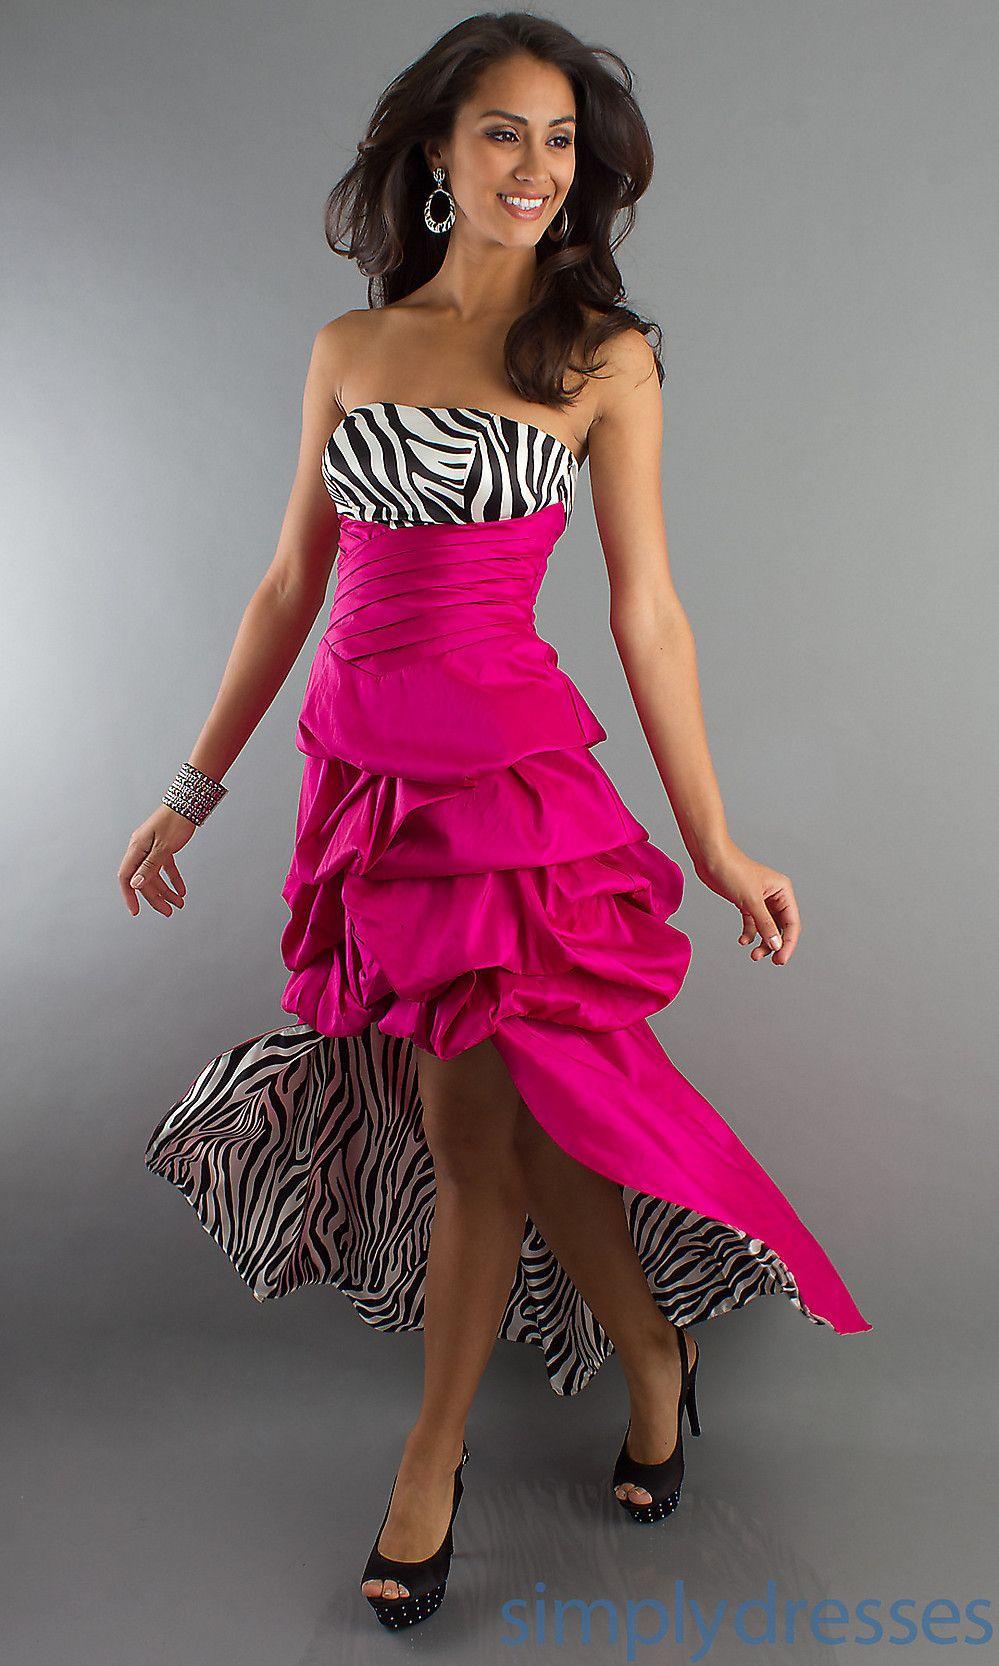 Zebra Print Bridesmaid Dresses - Ocodea.com